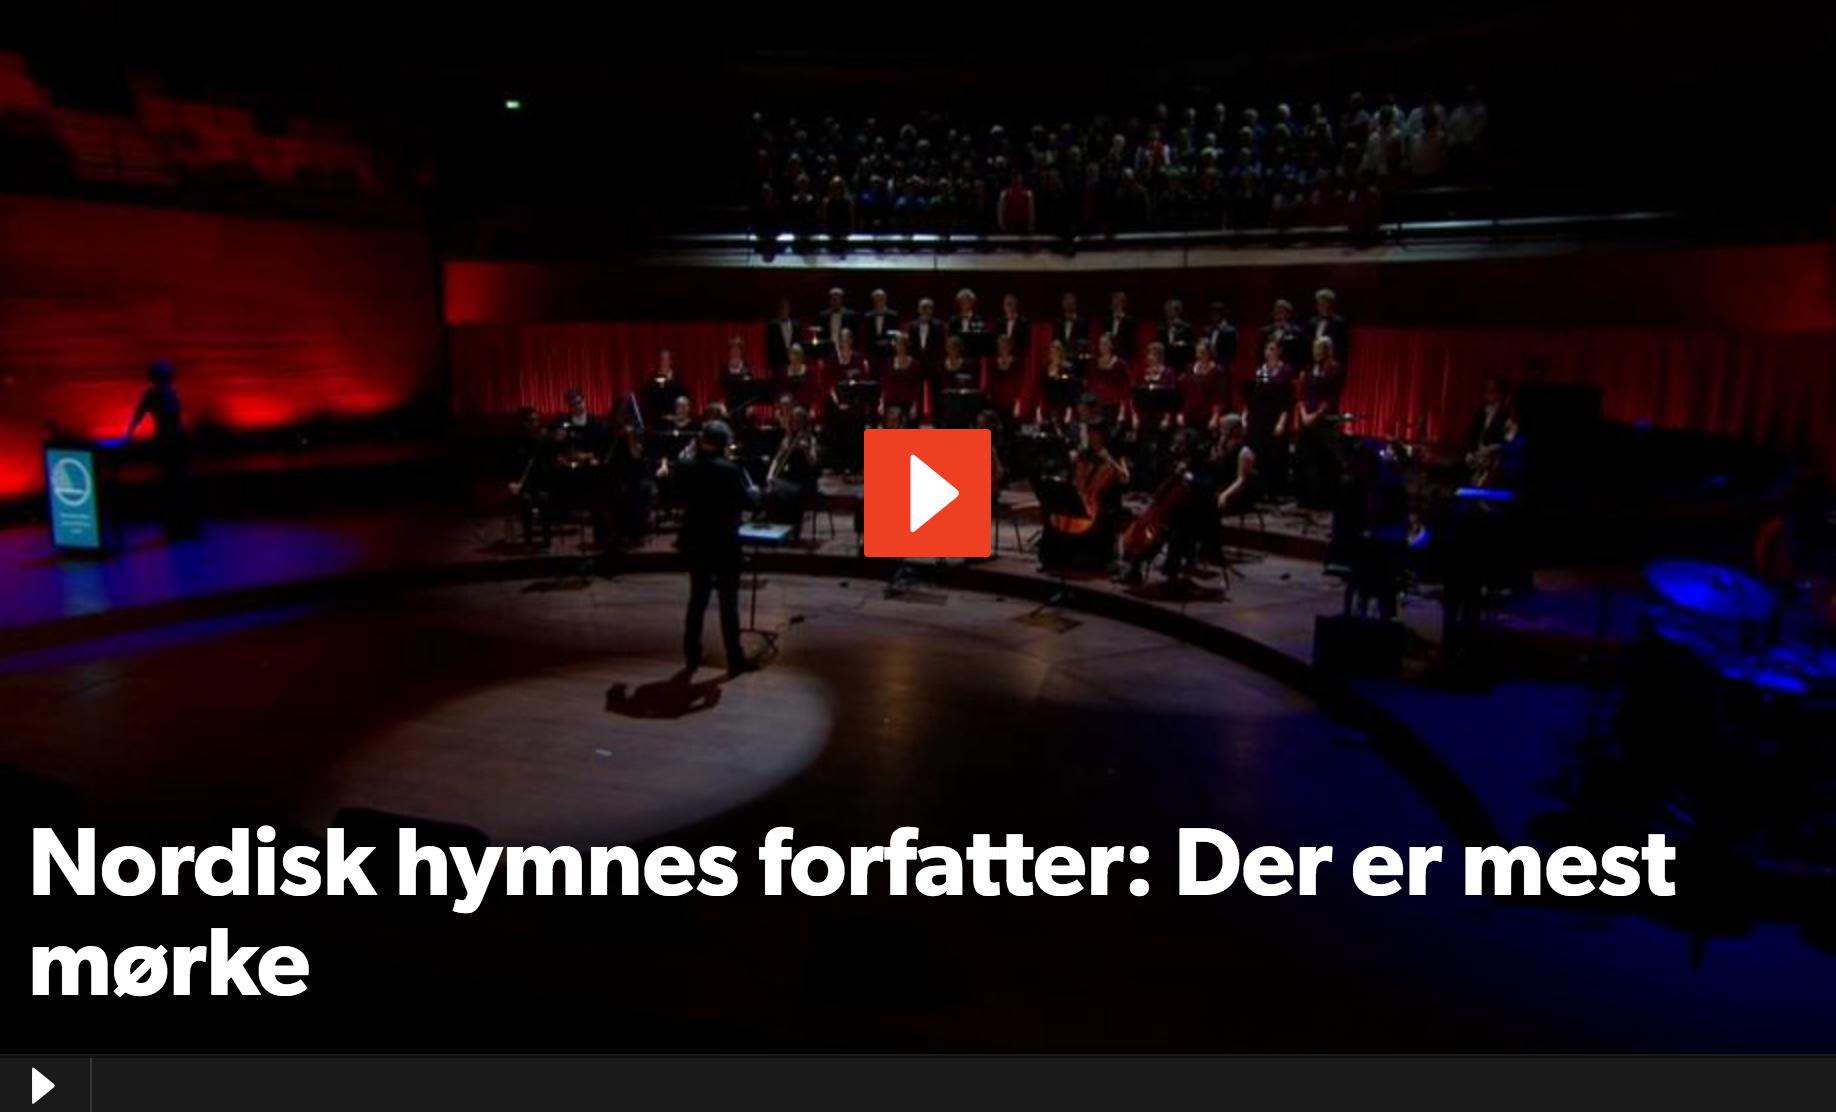 Se uropførelsen af den nordiske hymne i DR koncertsal.